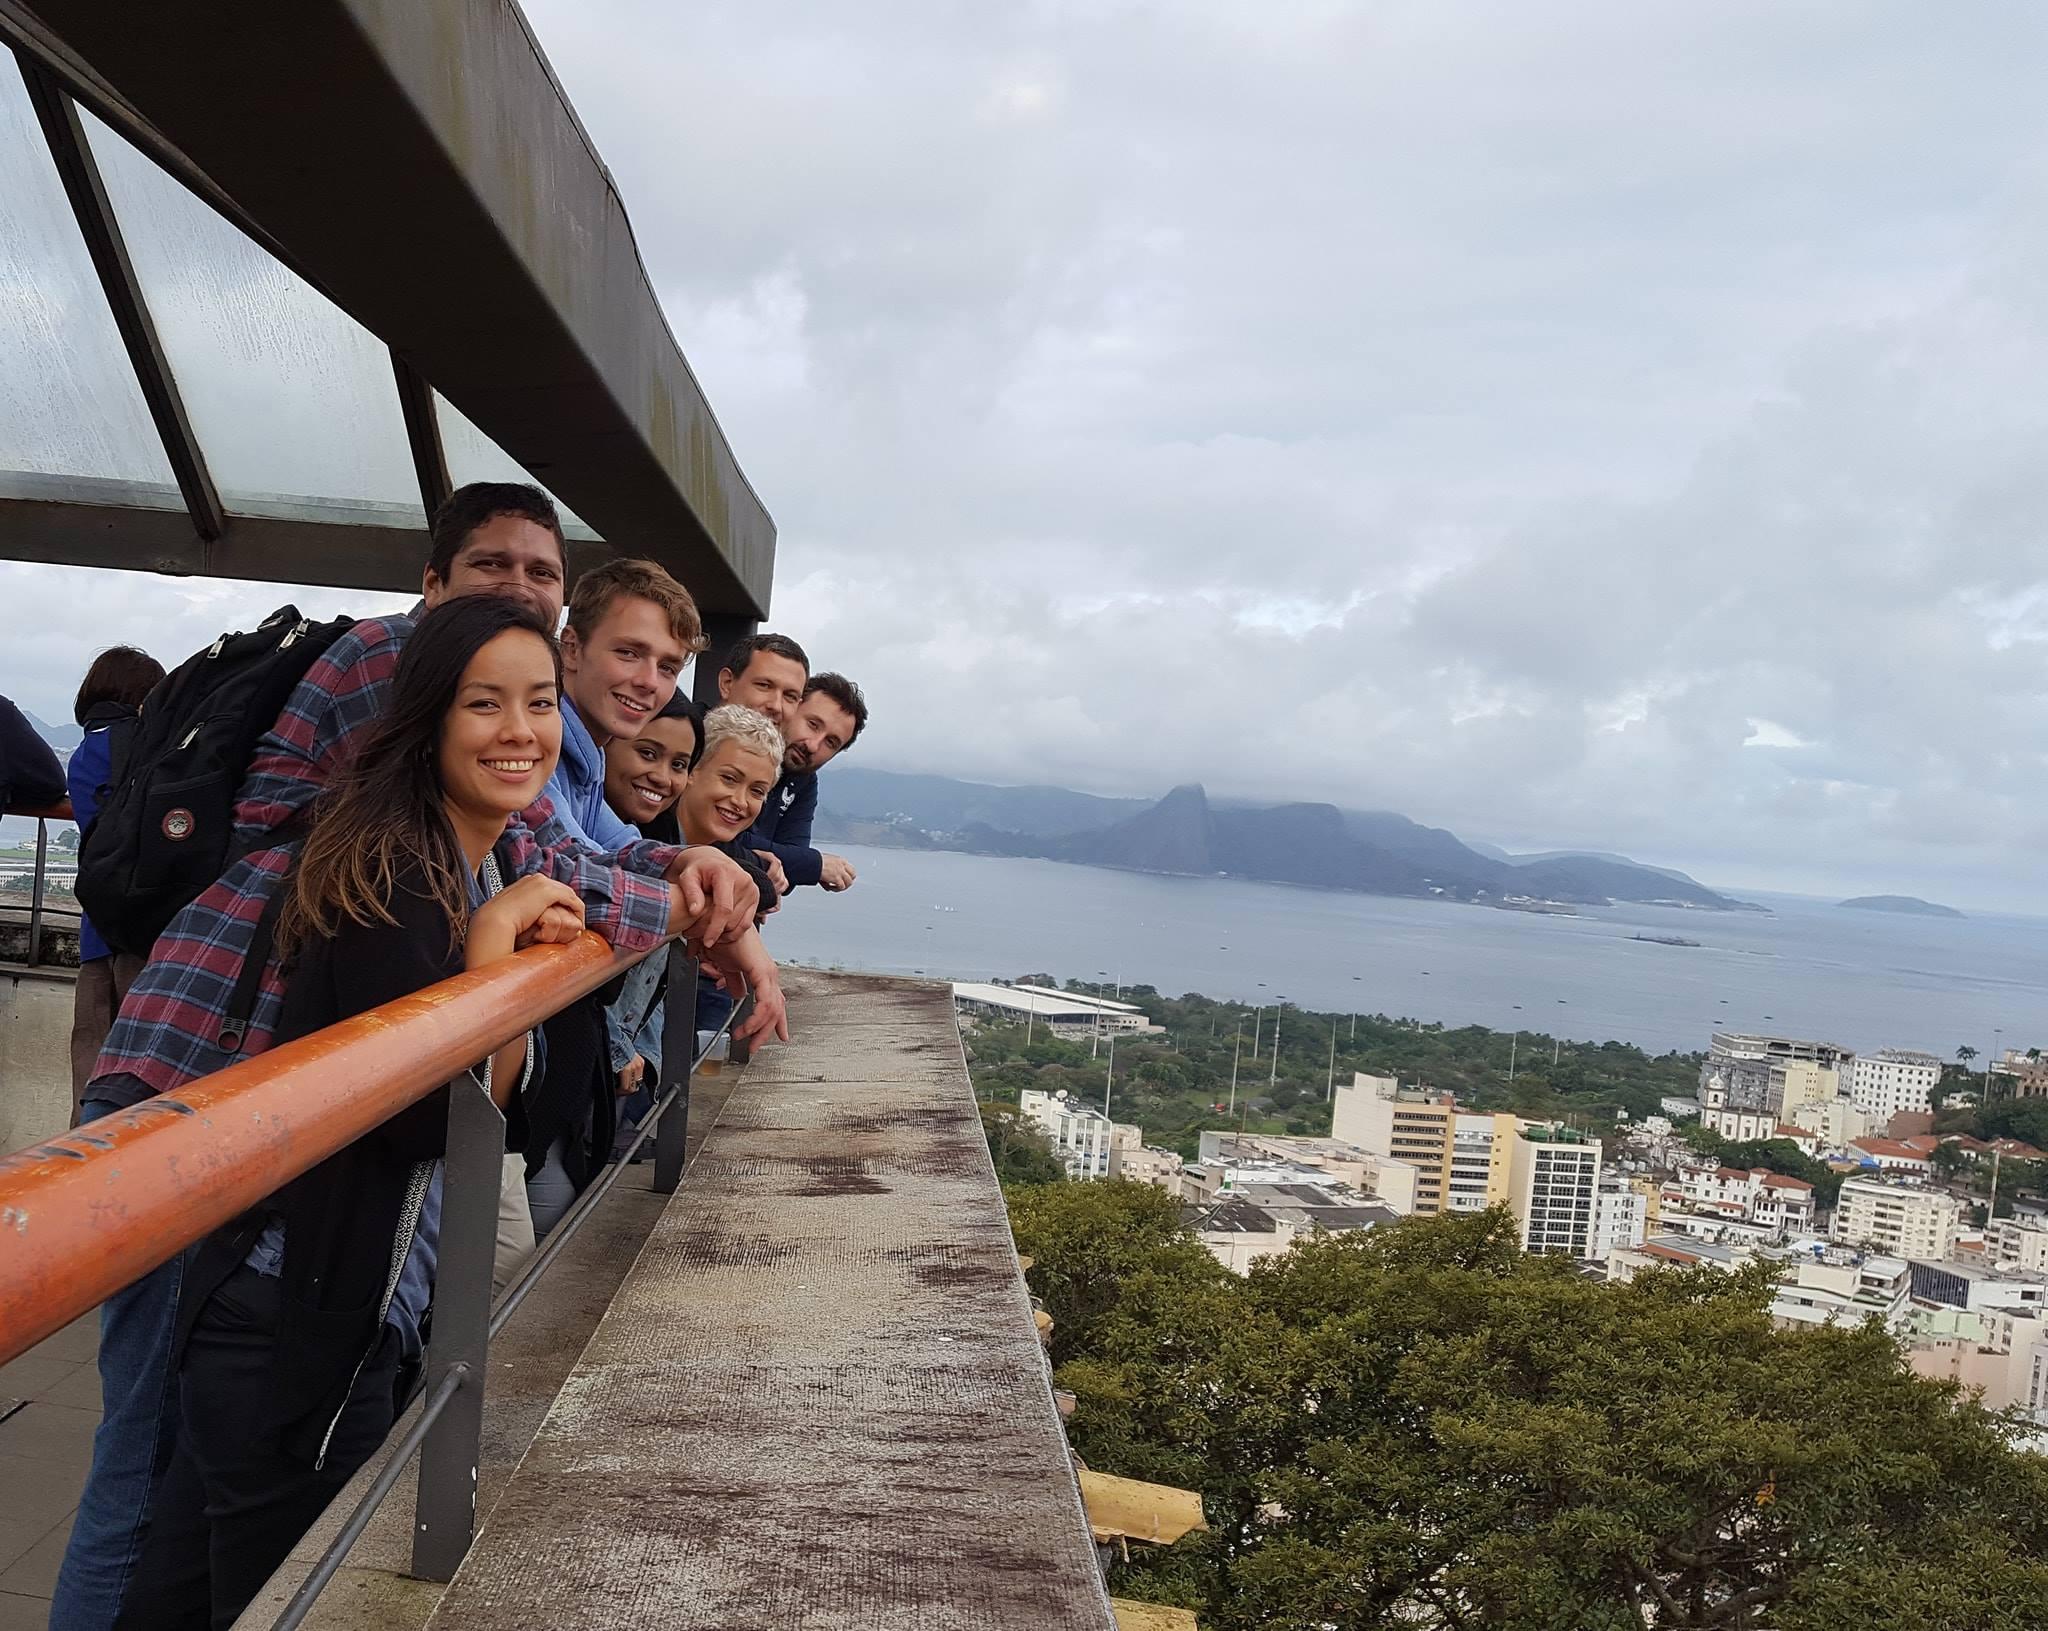 Un poco nublado pero aún una vista increíble. Cumbre del Parque de las Ruínas en Rio de Janeiro.